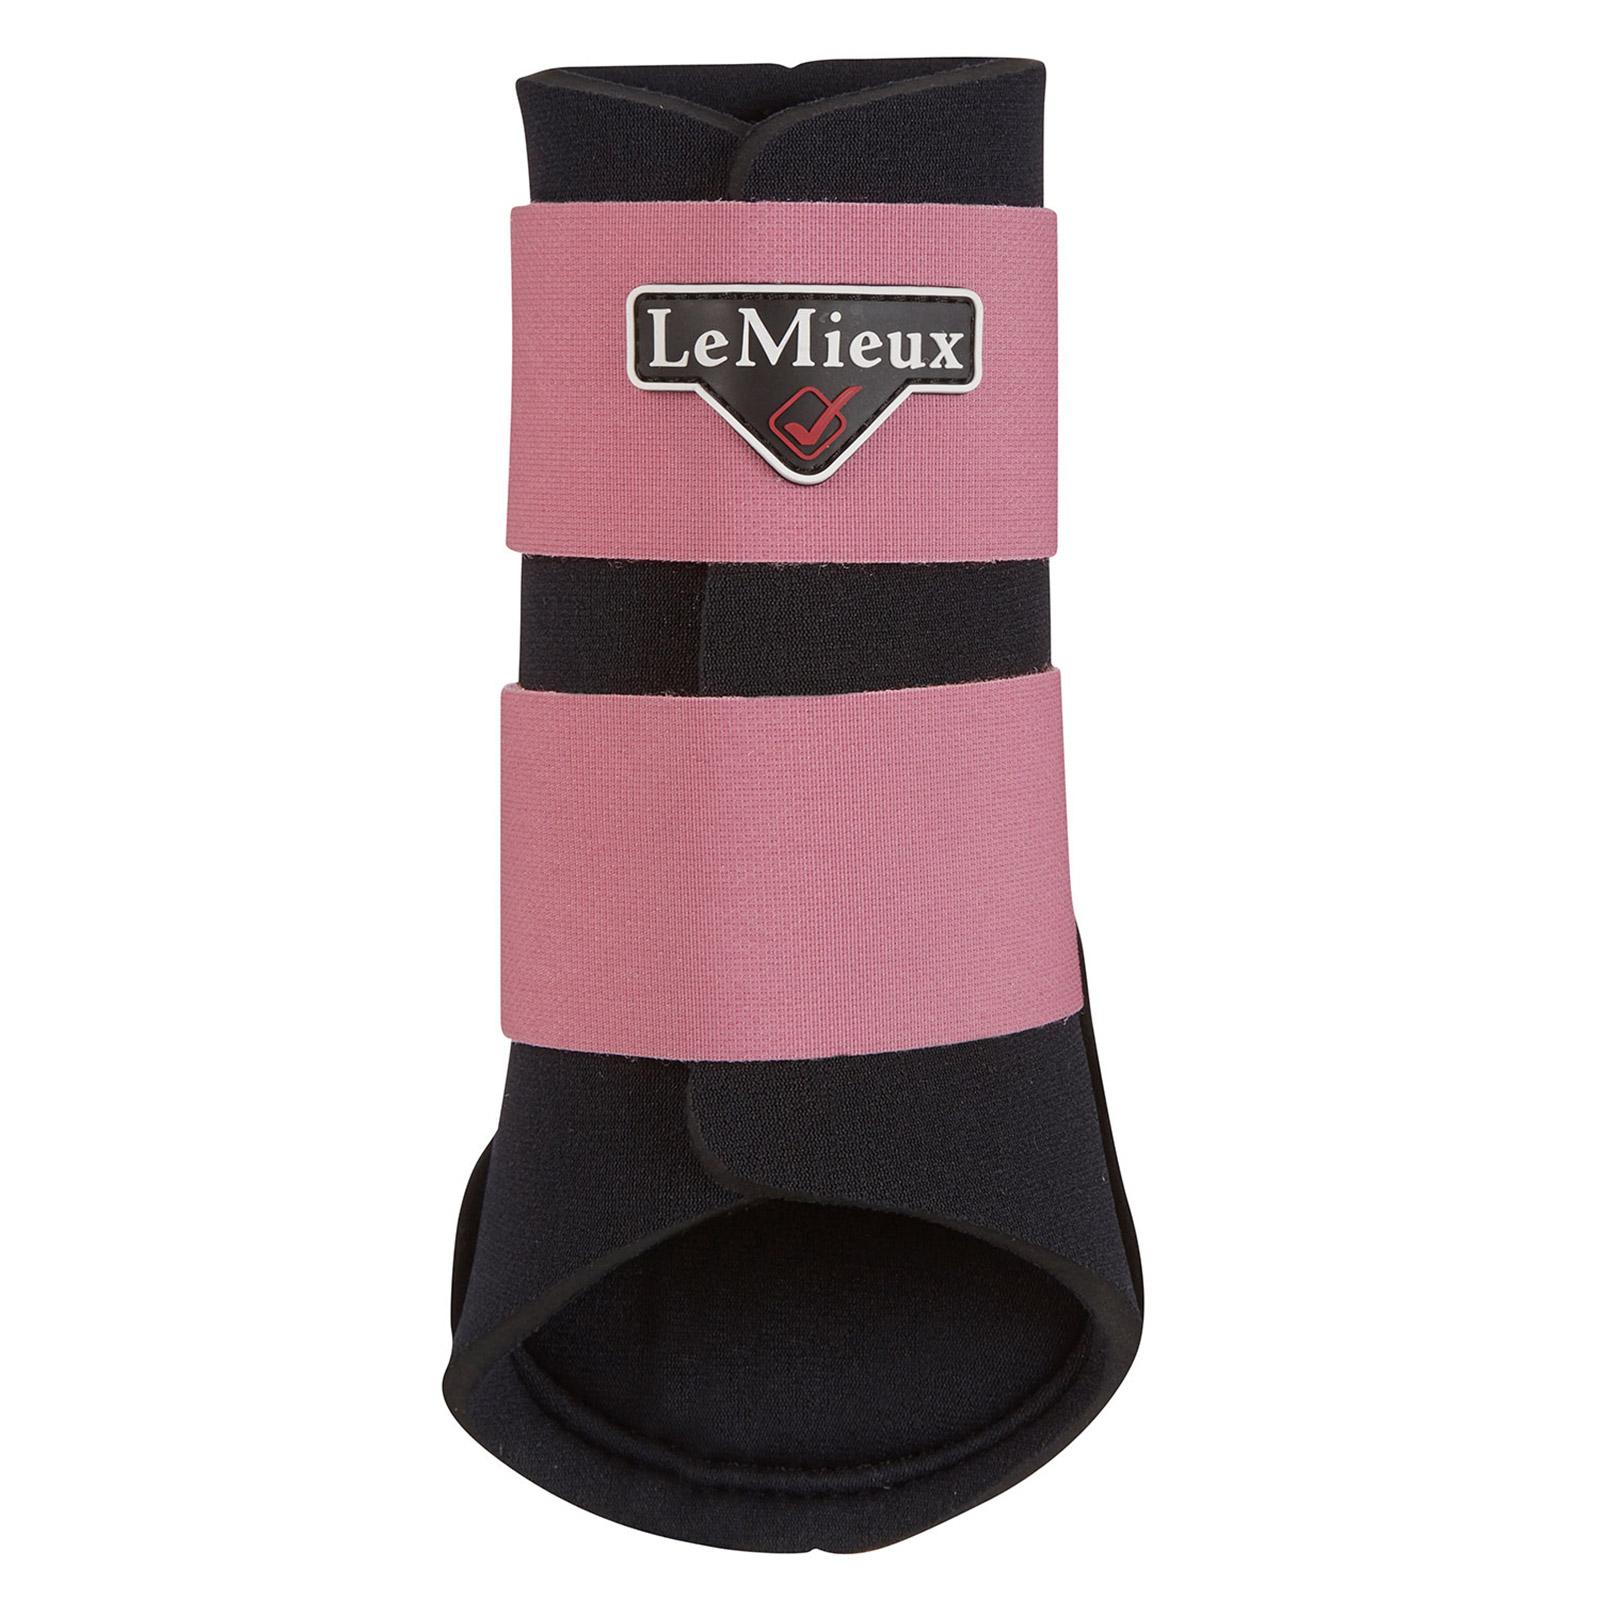 LEMIEUX-PROSPORT-Grafter-Brossage-Bottes-Leger-Protection miniature 17